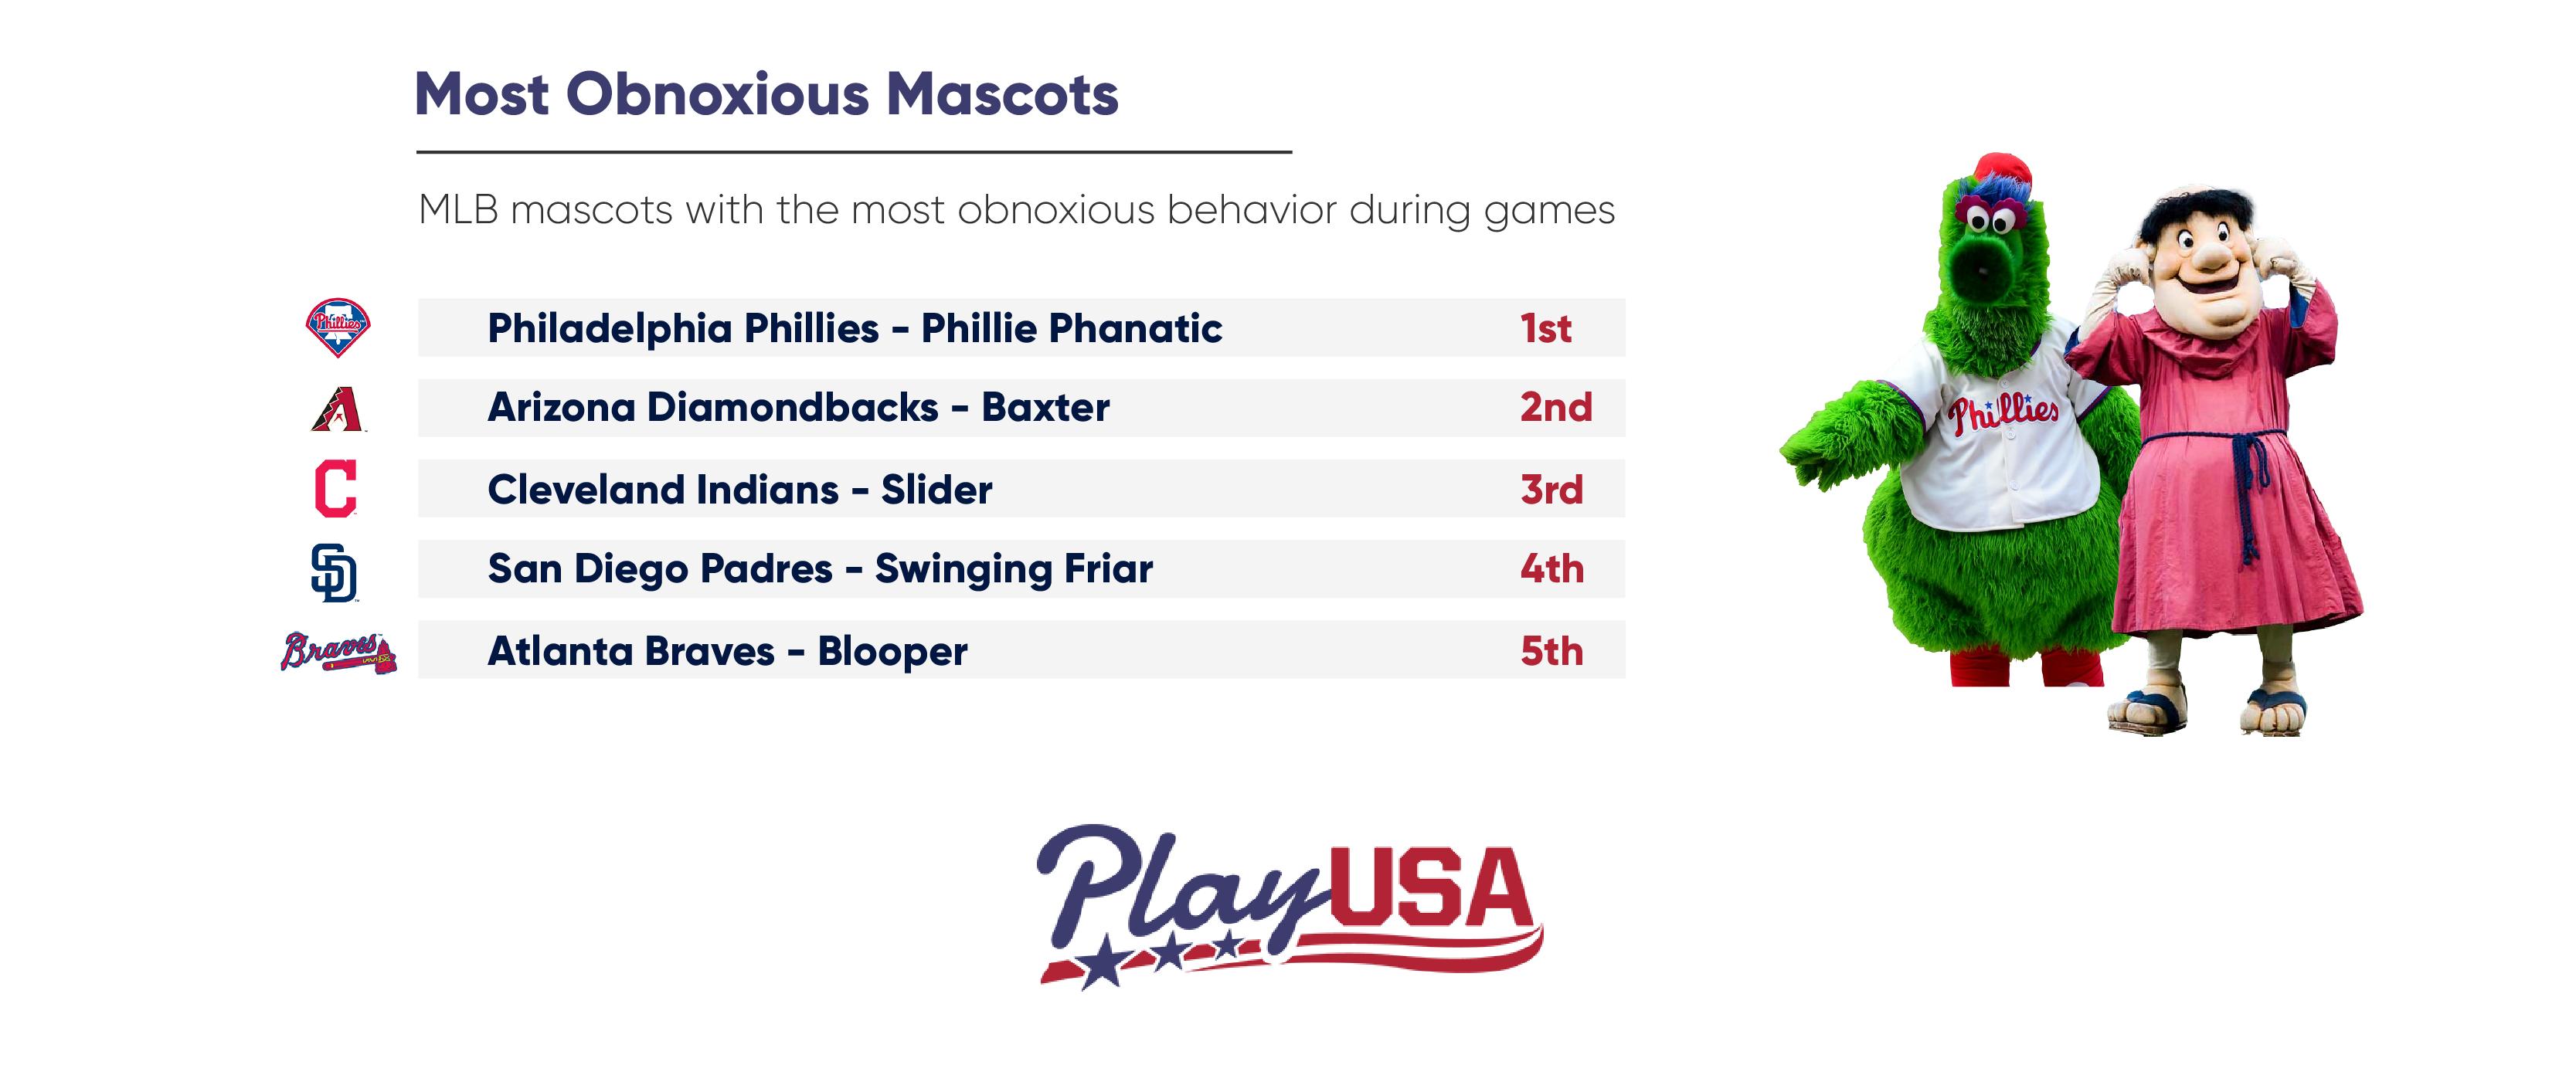 mlb mascots most obnoxious